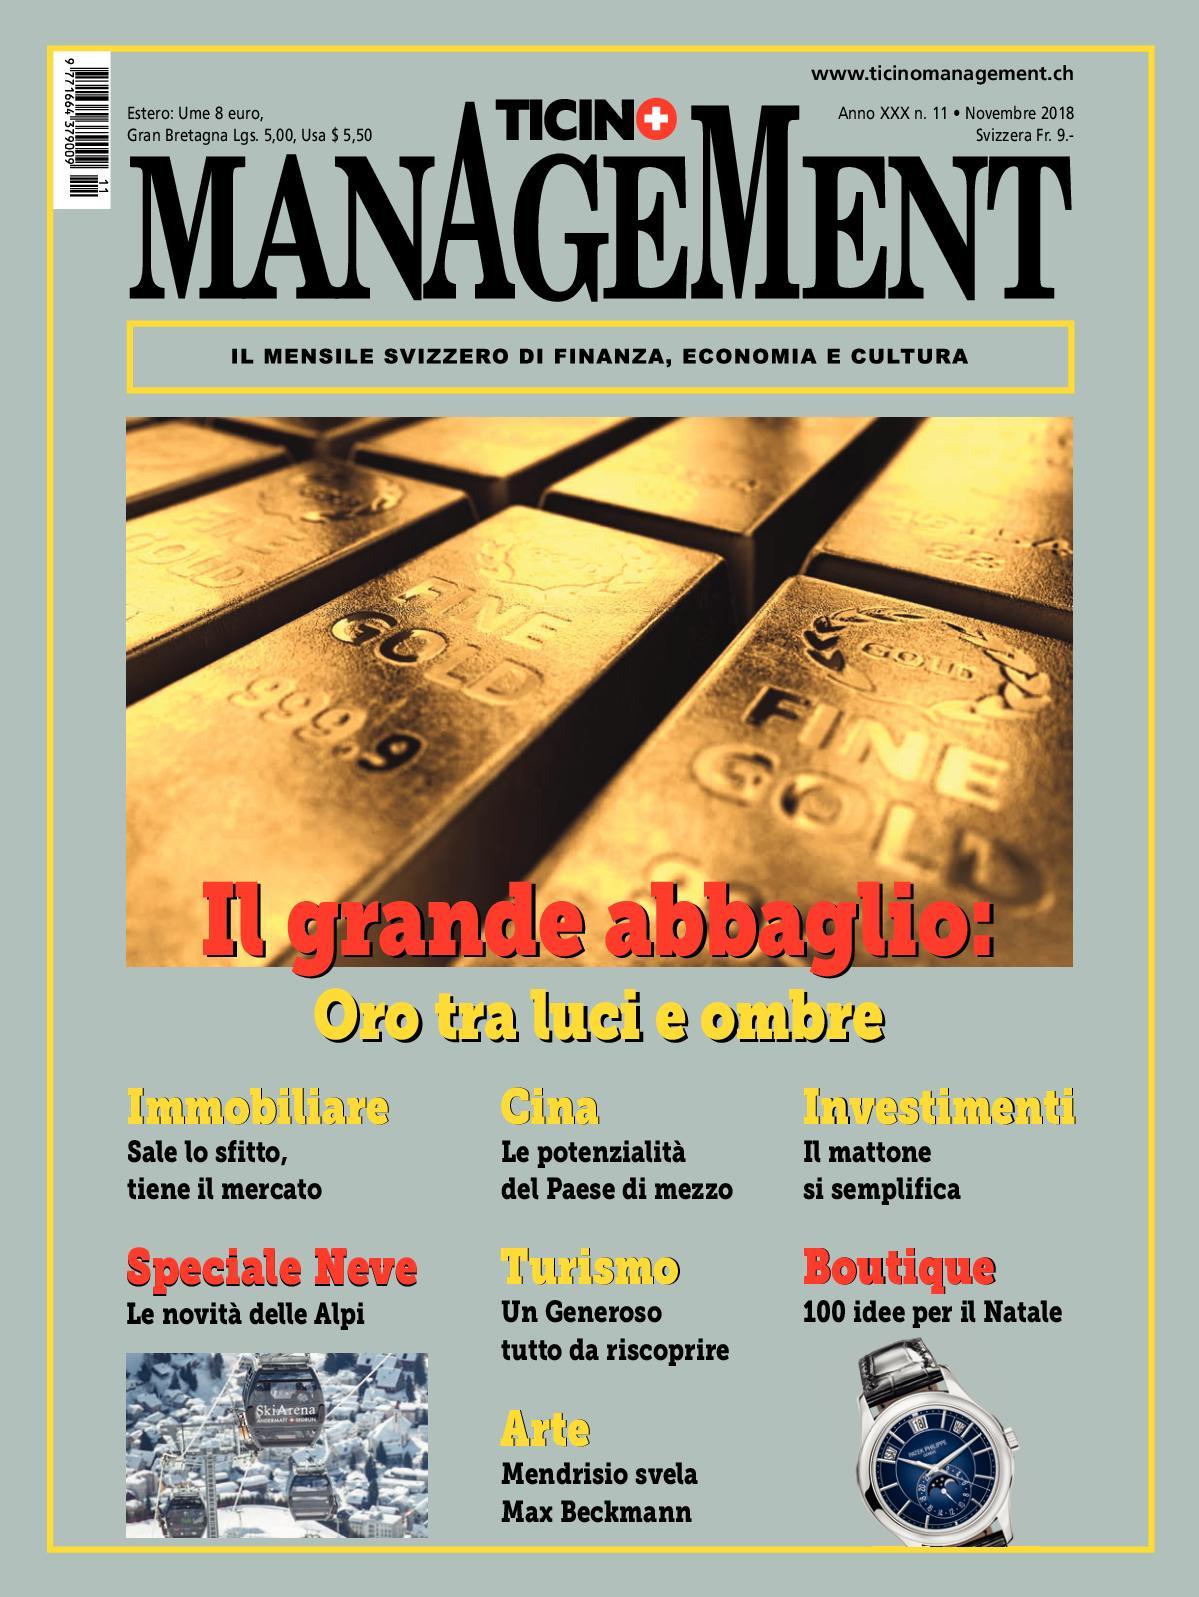 Calaméo - Ticino Management Nov 2018 126c4ef9ce42a